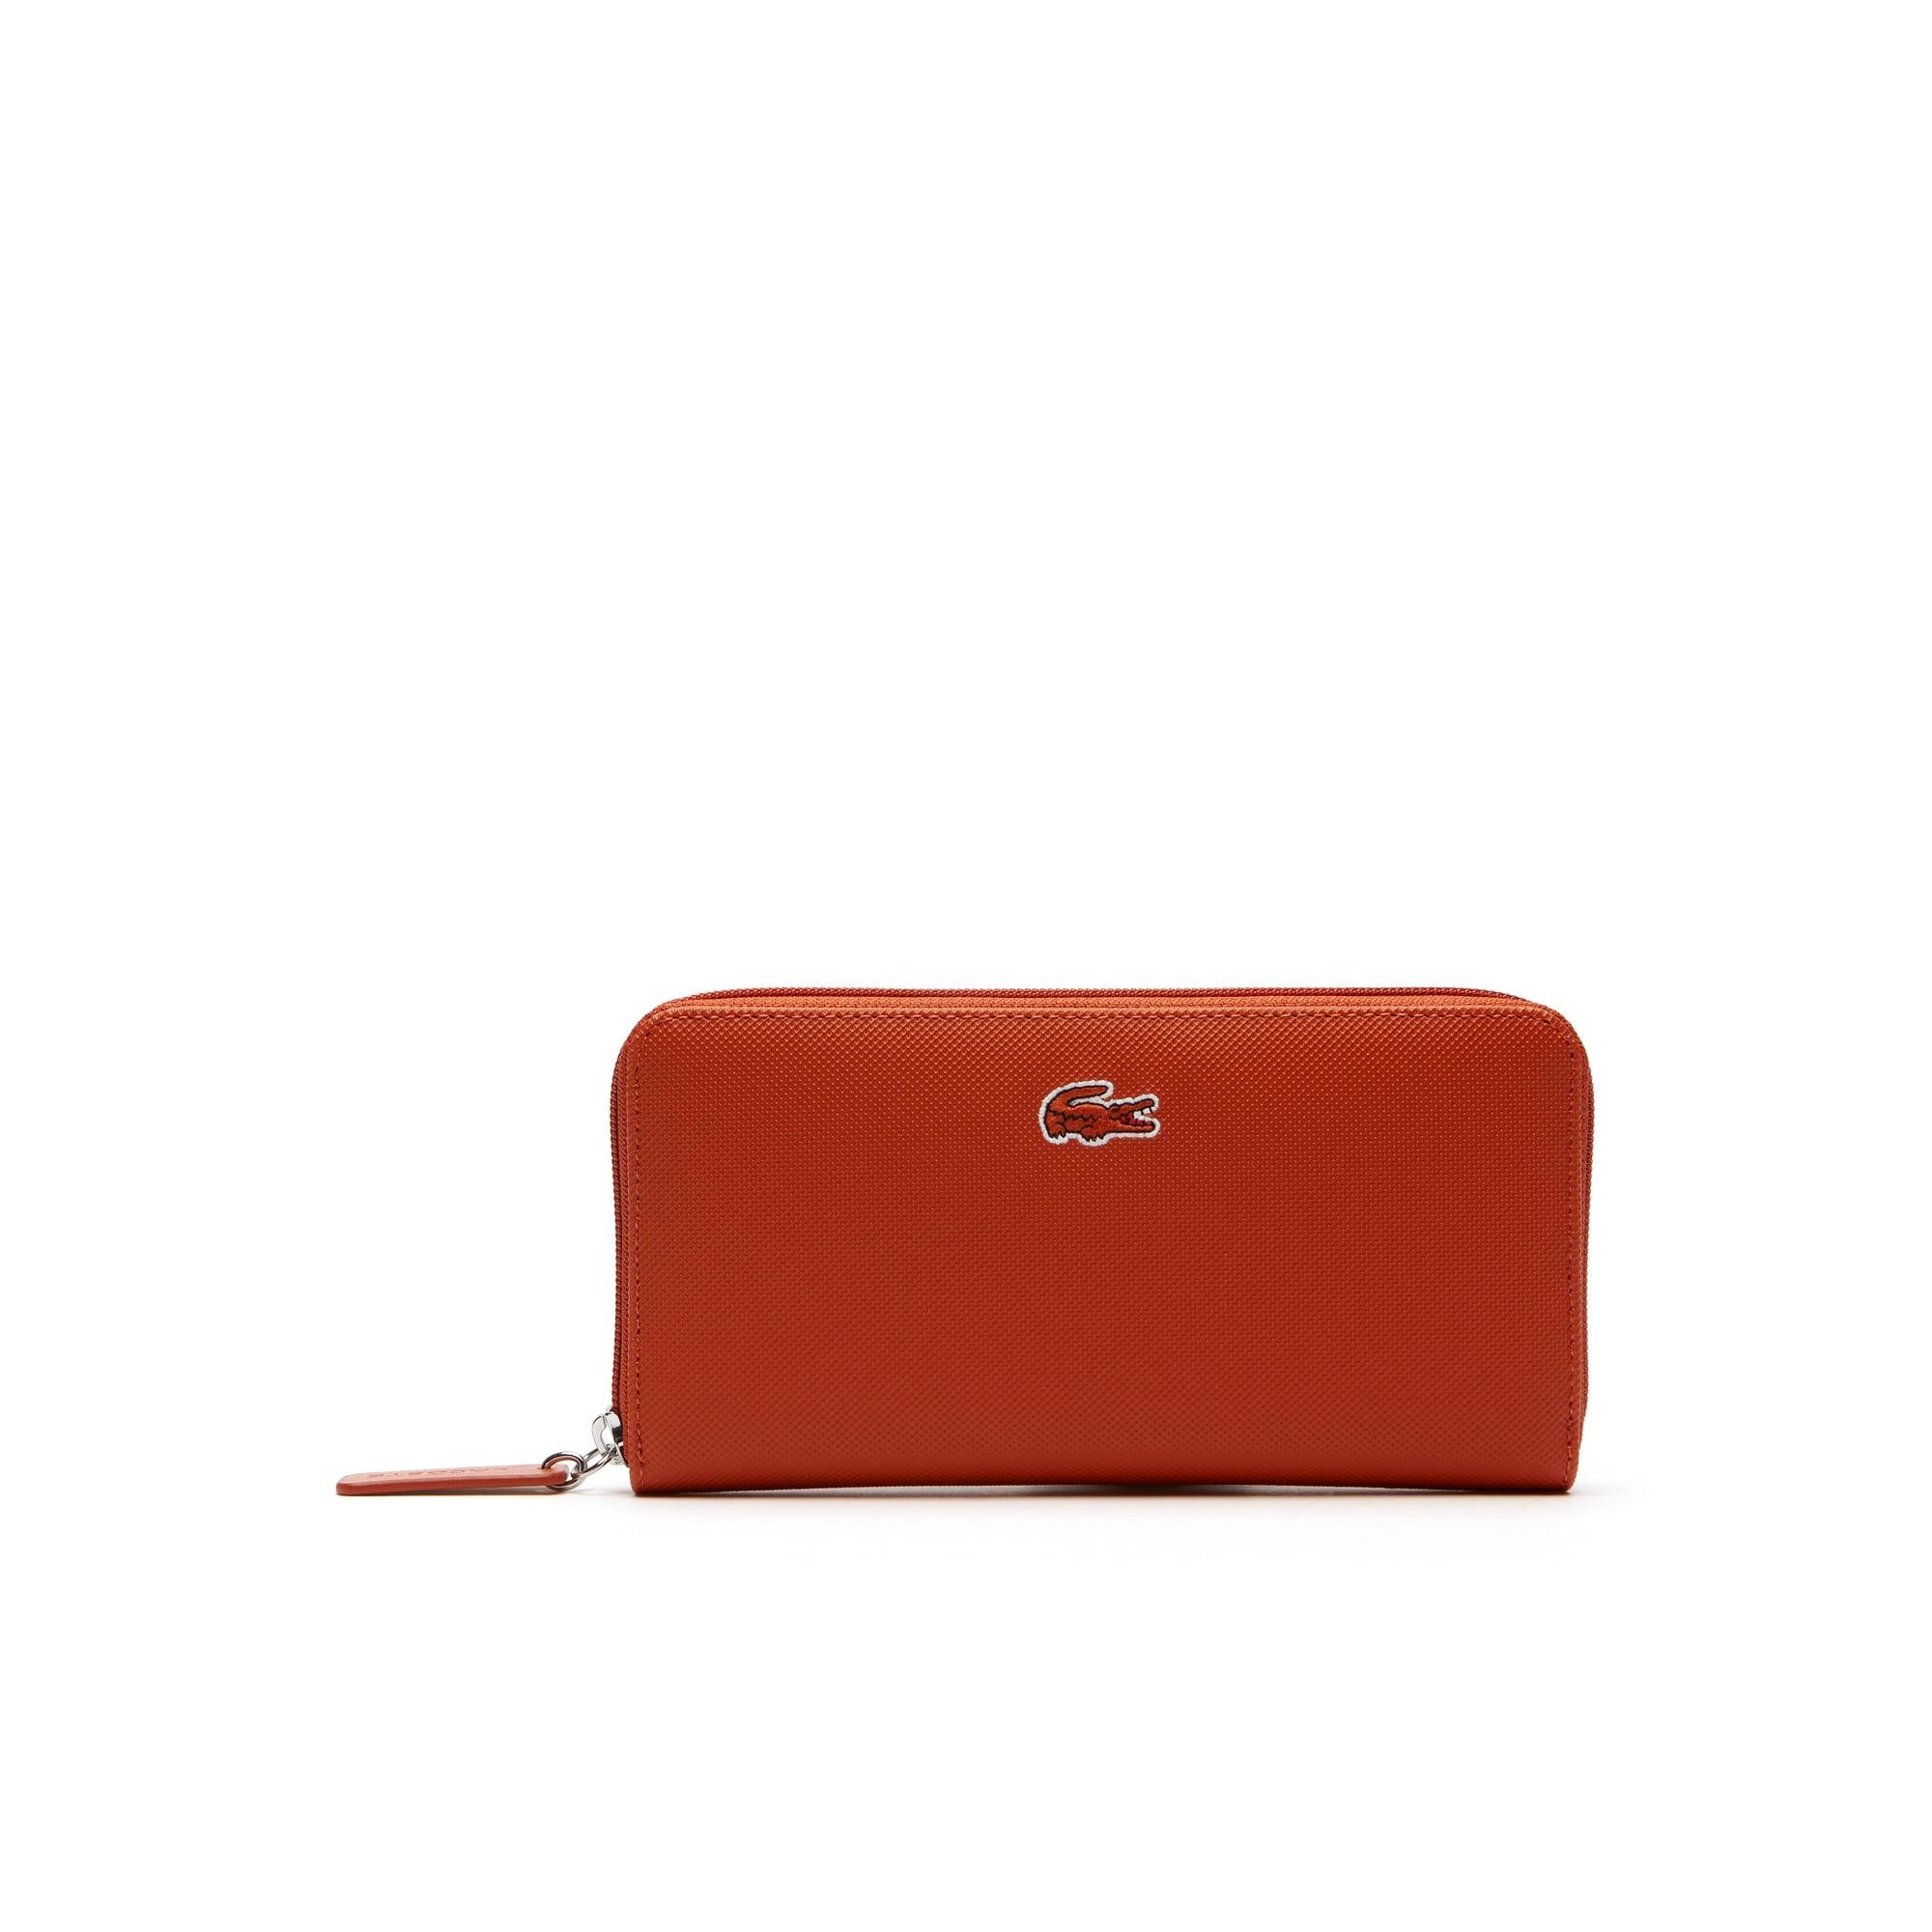 90cb15c167050 منتجات جلدية للنساء  حقائب ومحافظ نقود وأحزمة